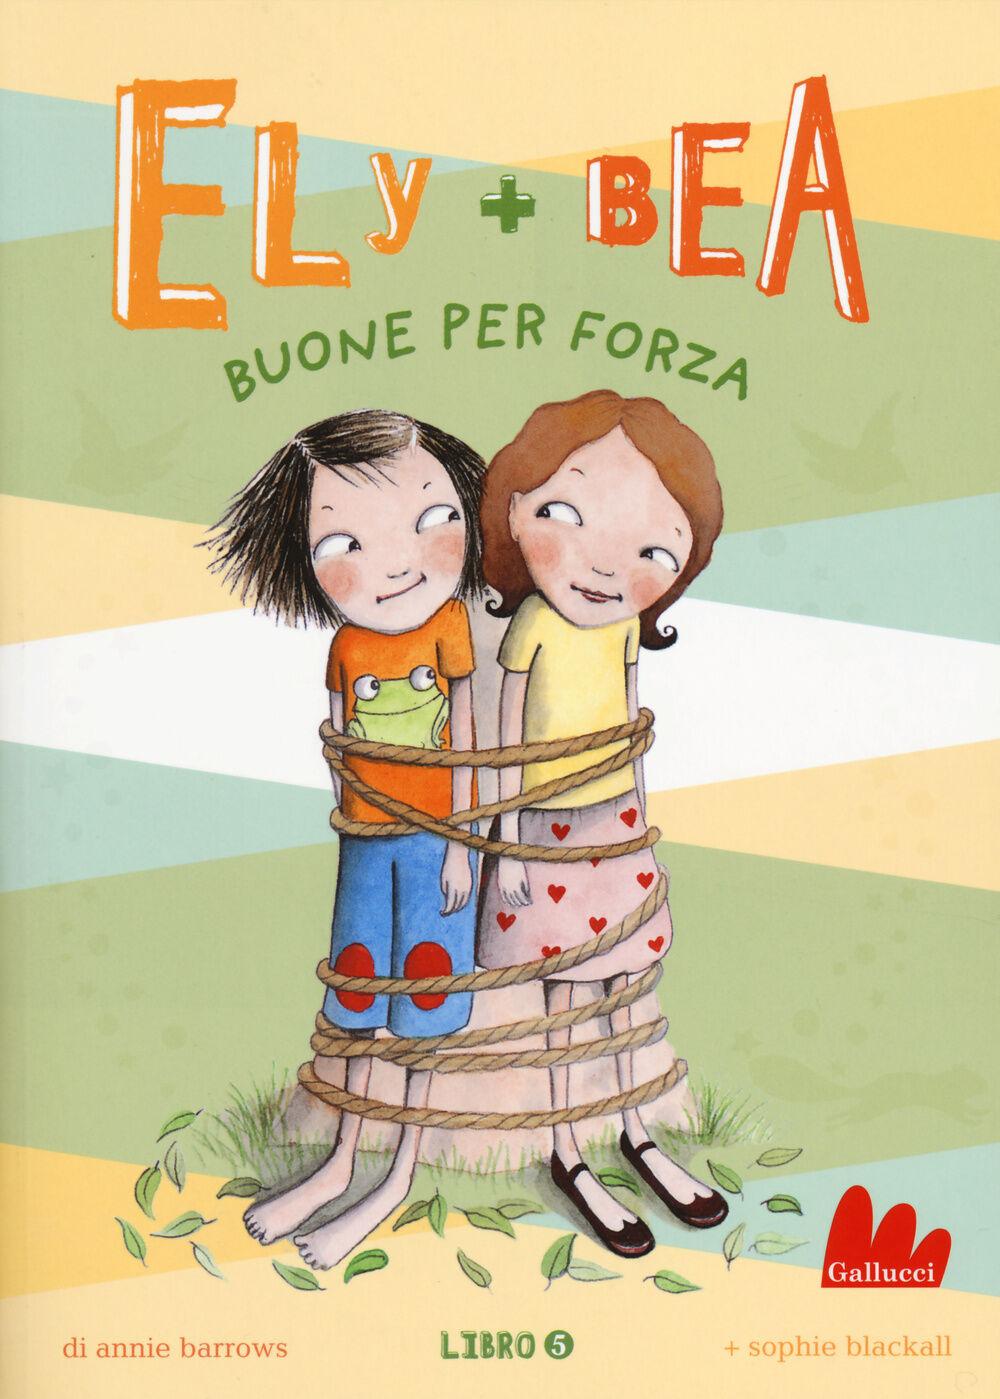 Buone per forza. Ely + Bea. Vol. 5